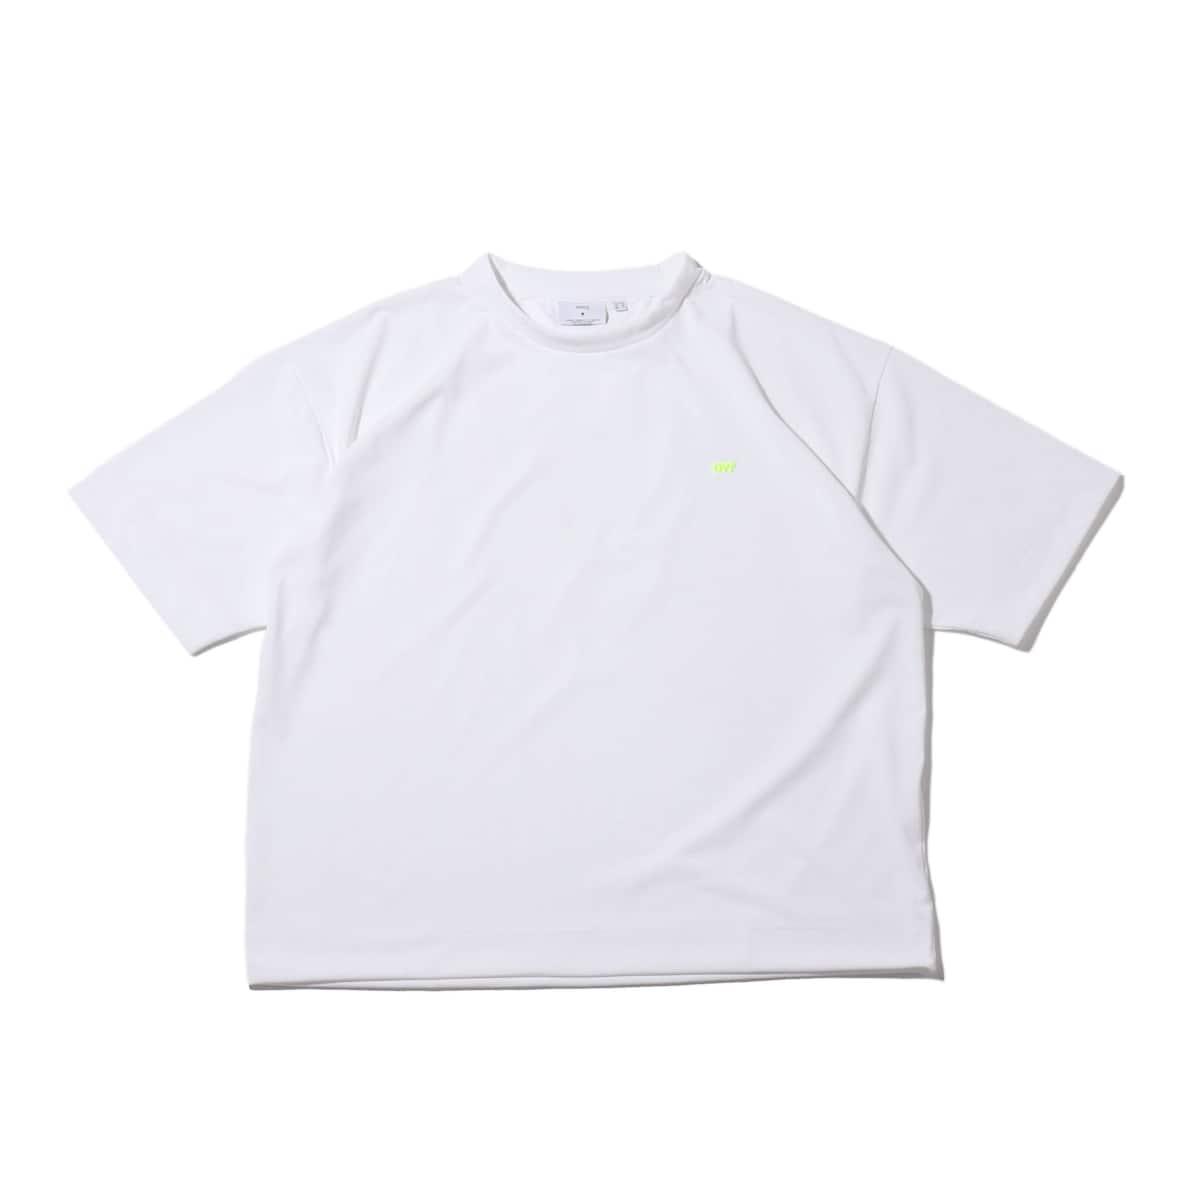 CONVERSE TOKYO ワンポイント 刺繍 Tシャツ ホワイト 19SS-I_photo_large